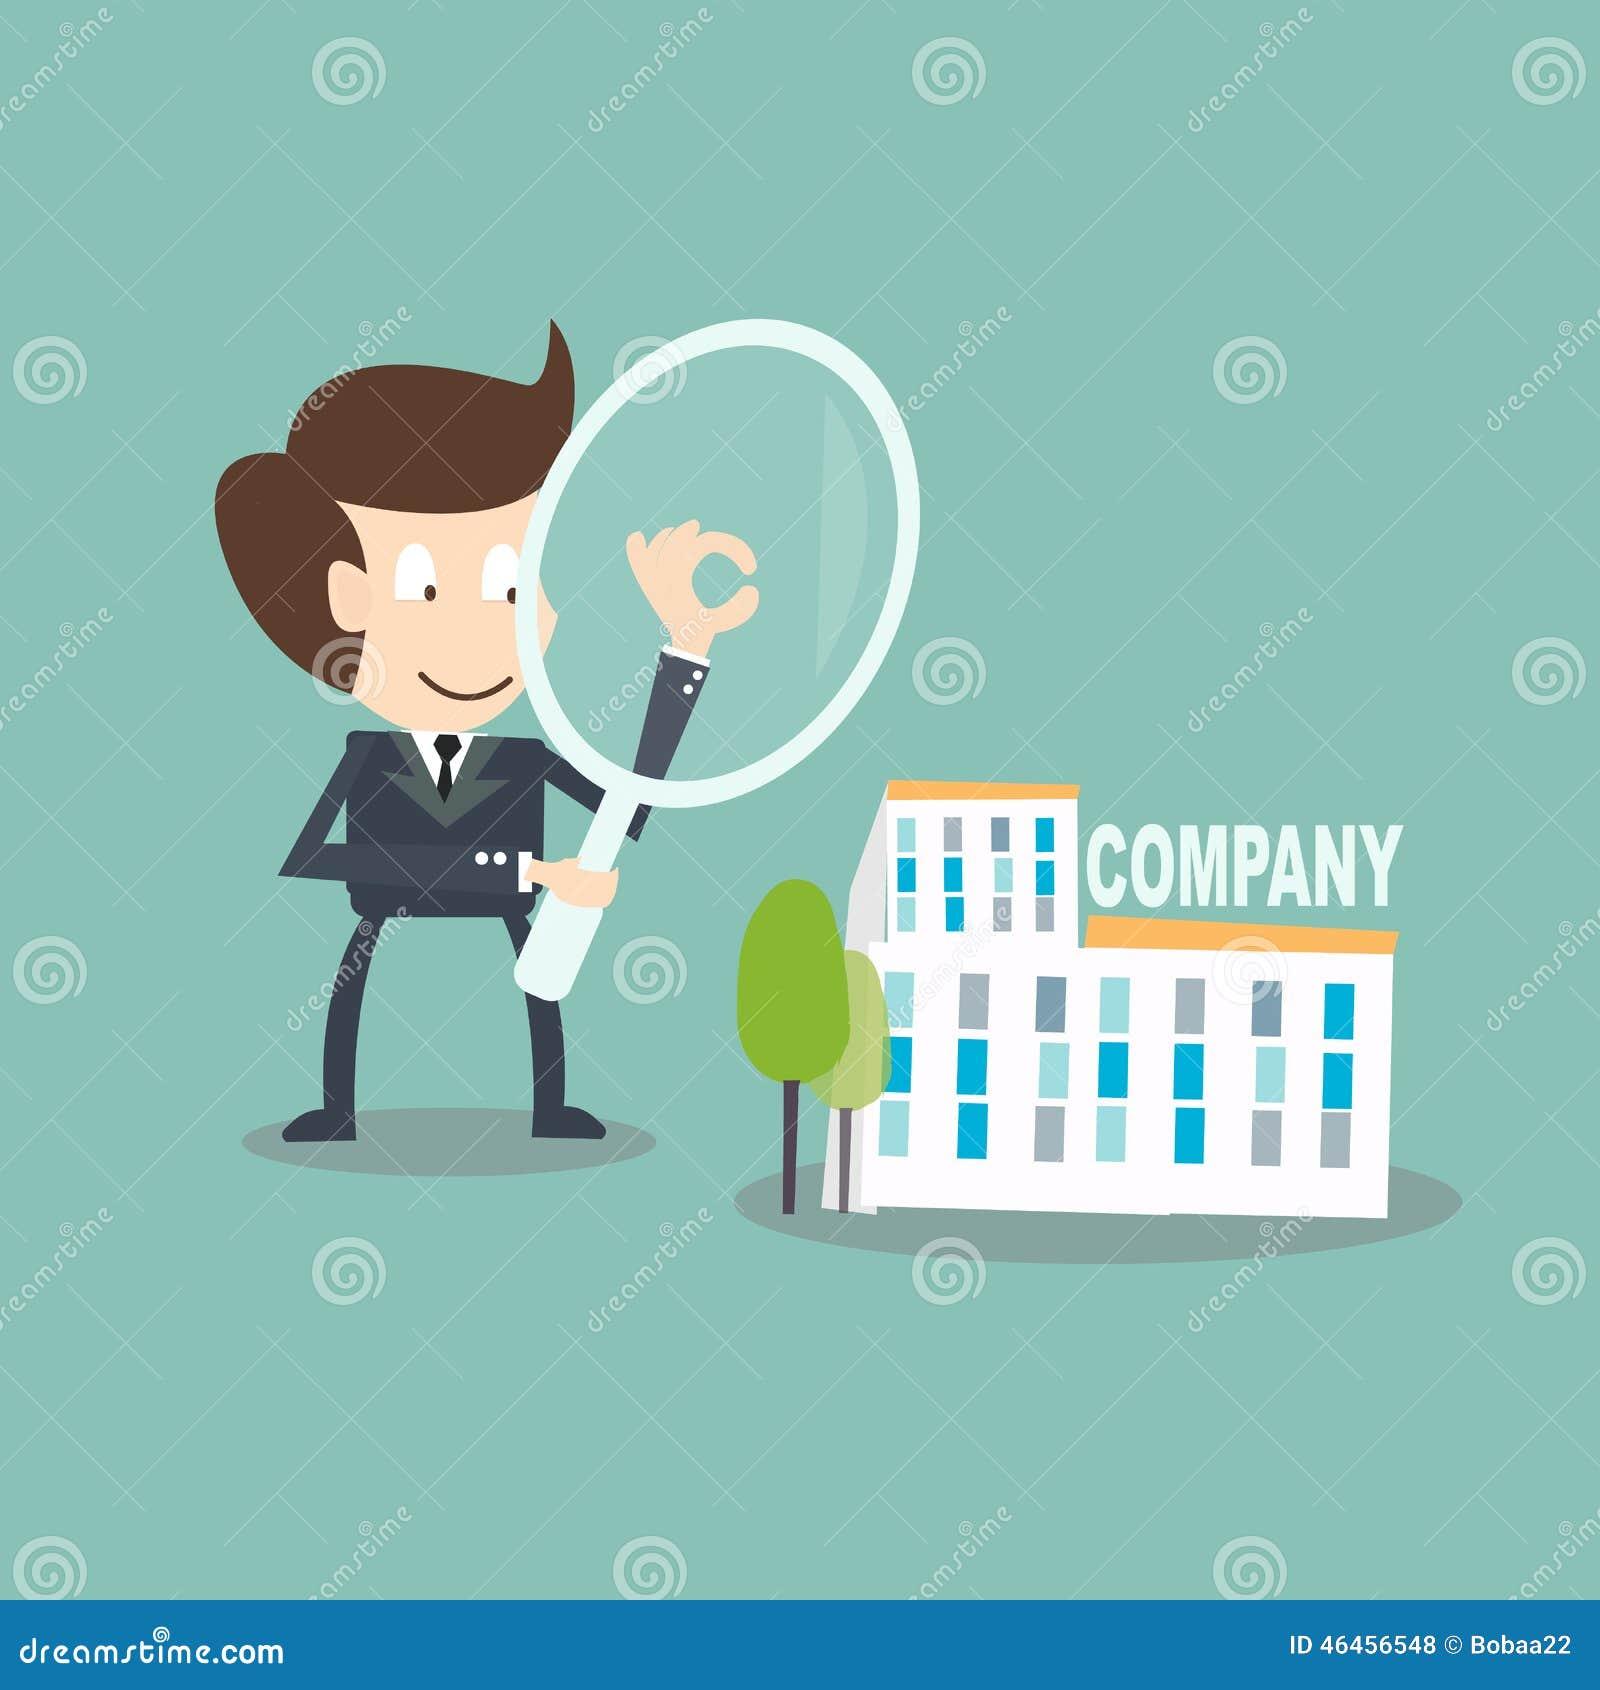 Innenrevisionskonzept - Geschäftsmann mit Vergrößerungsrechnungsprüfung auf Firma